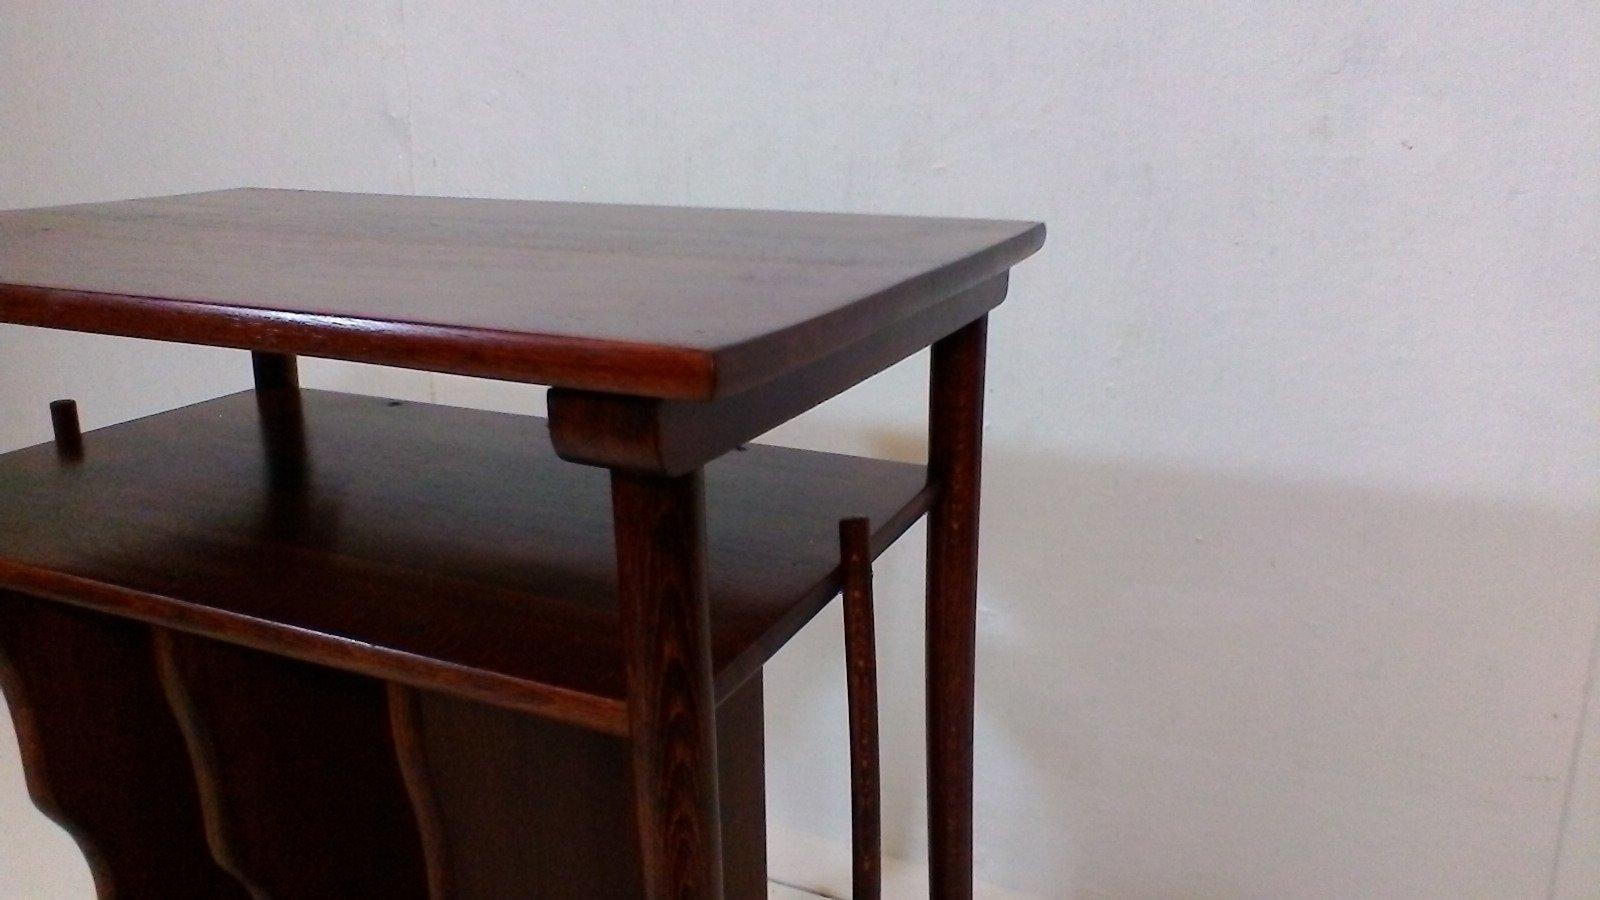 couchtisch aus holz von thonet 1925 bei pamono kaufen. Black Bedroom Furniture Sets. Home Design Ideas